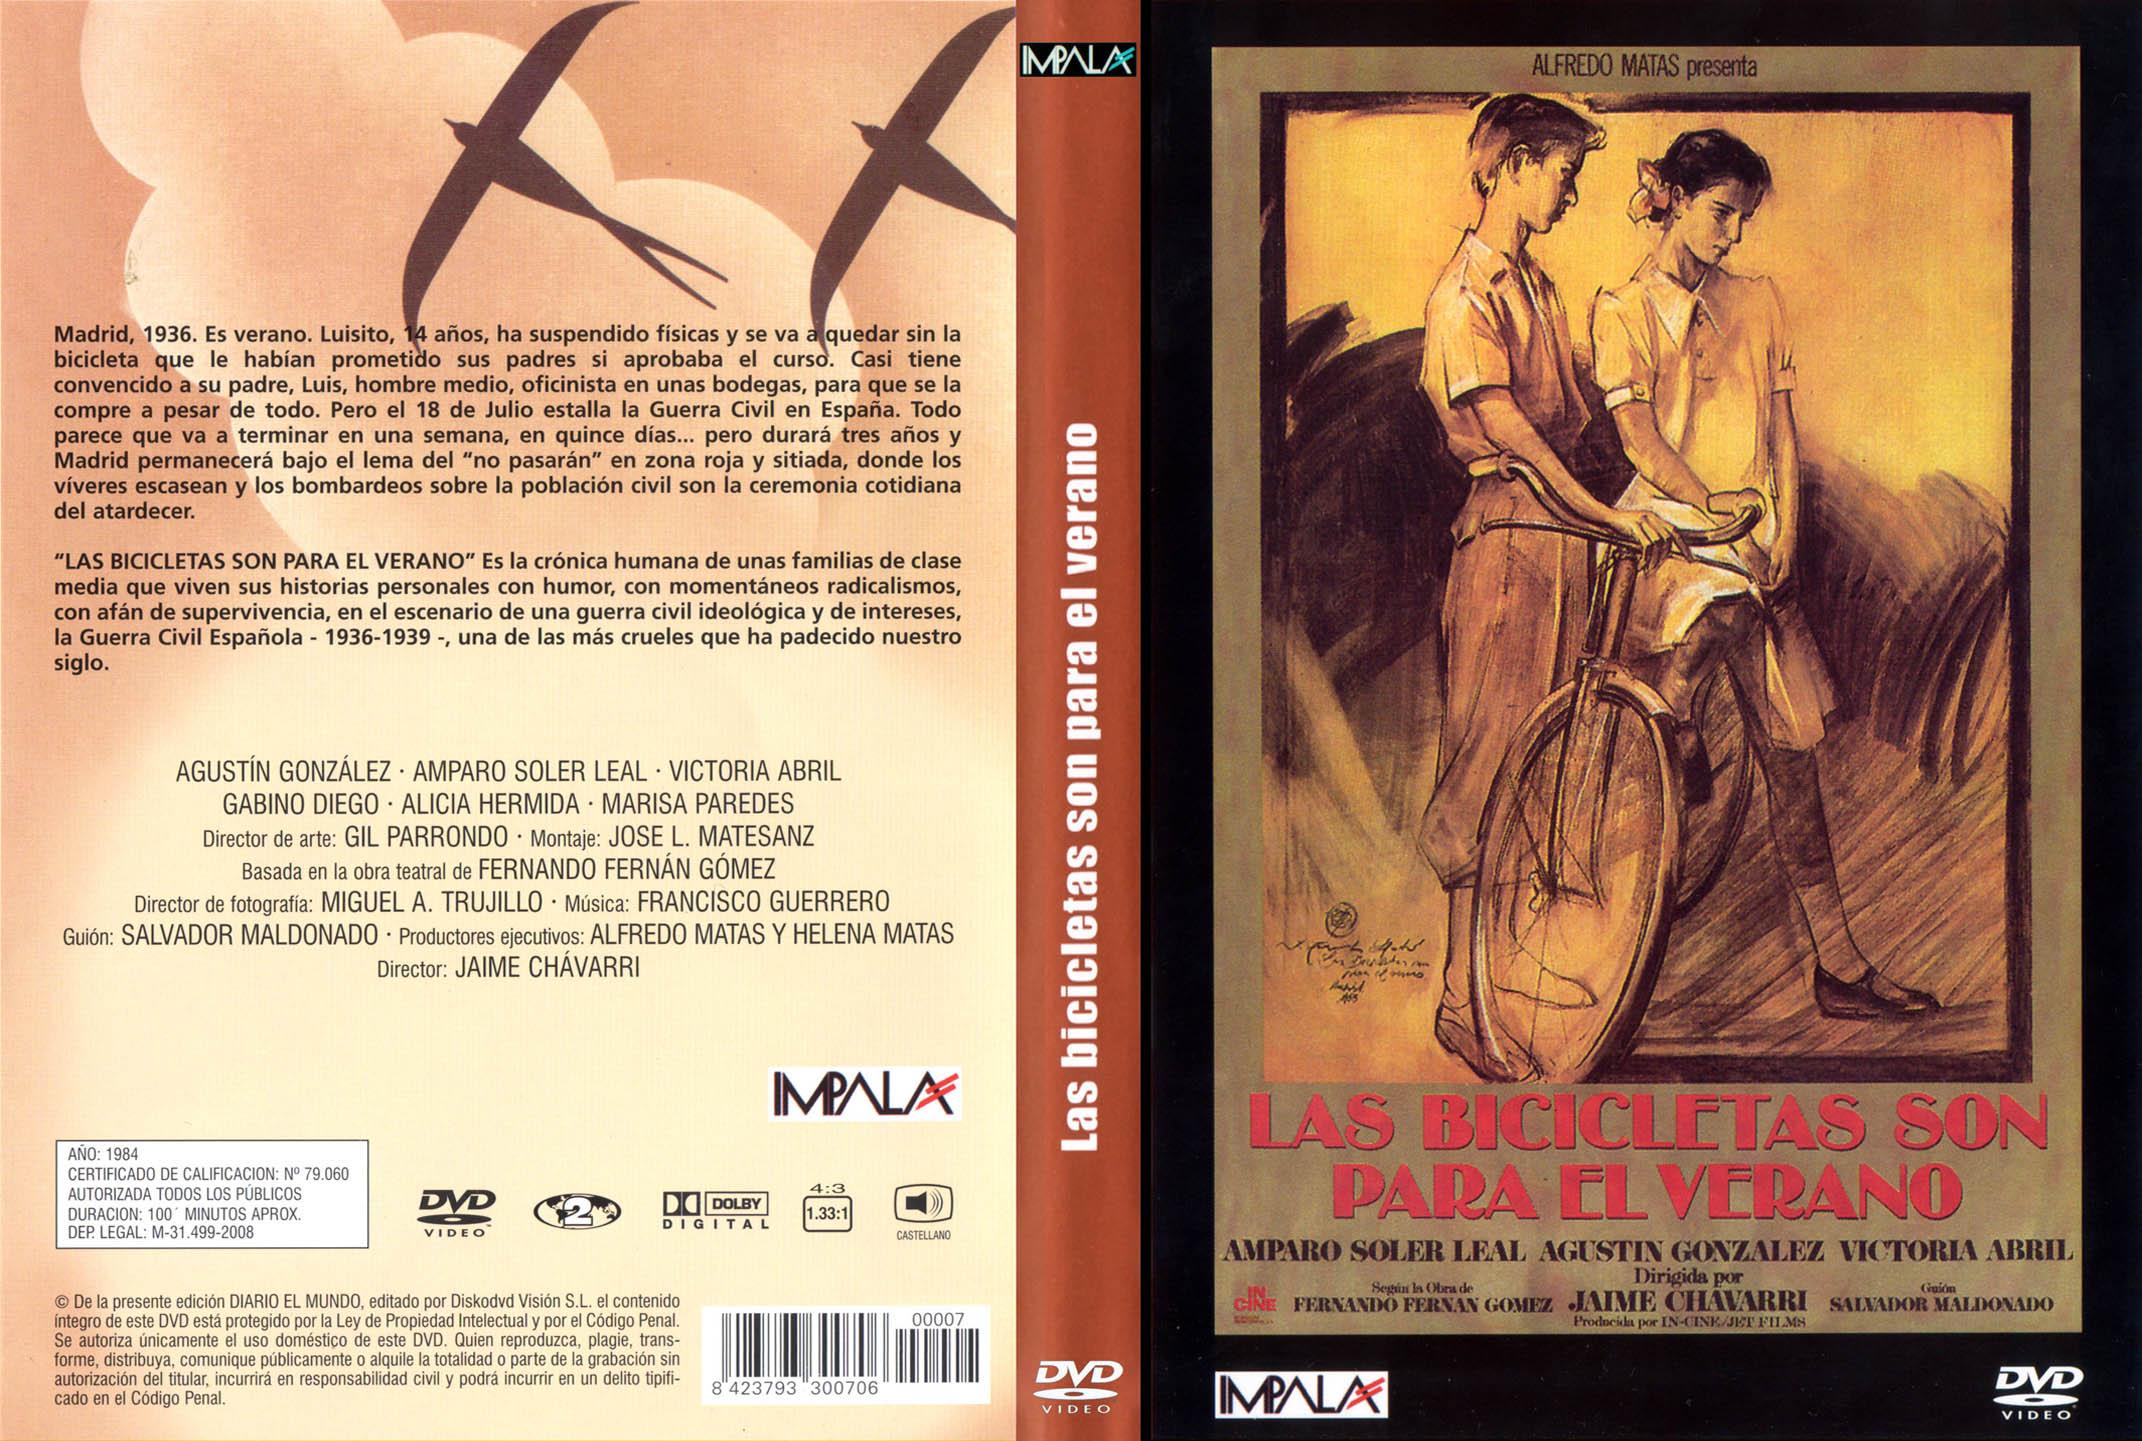 republica-as-bicicletas-sao-para-o-verao-capa-dvd